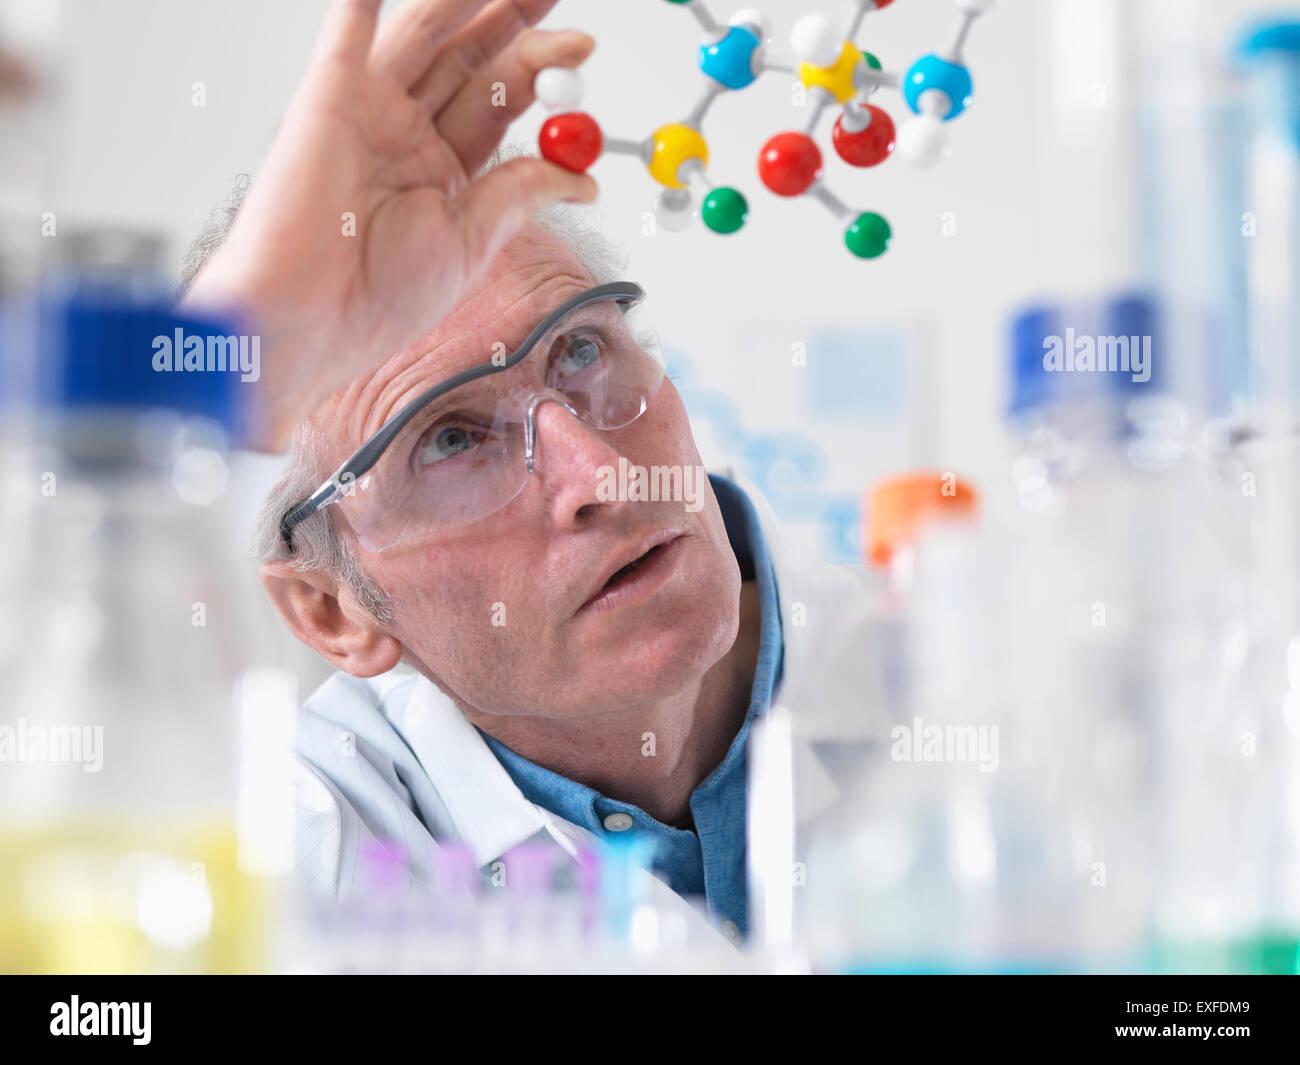 Visualisation scientifique modèle moléculaire d'une formule chimique dans un laboratoire Photo Stock